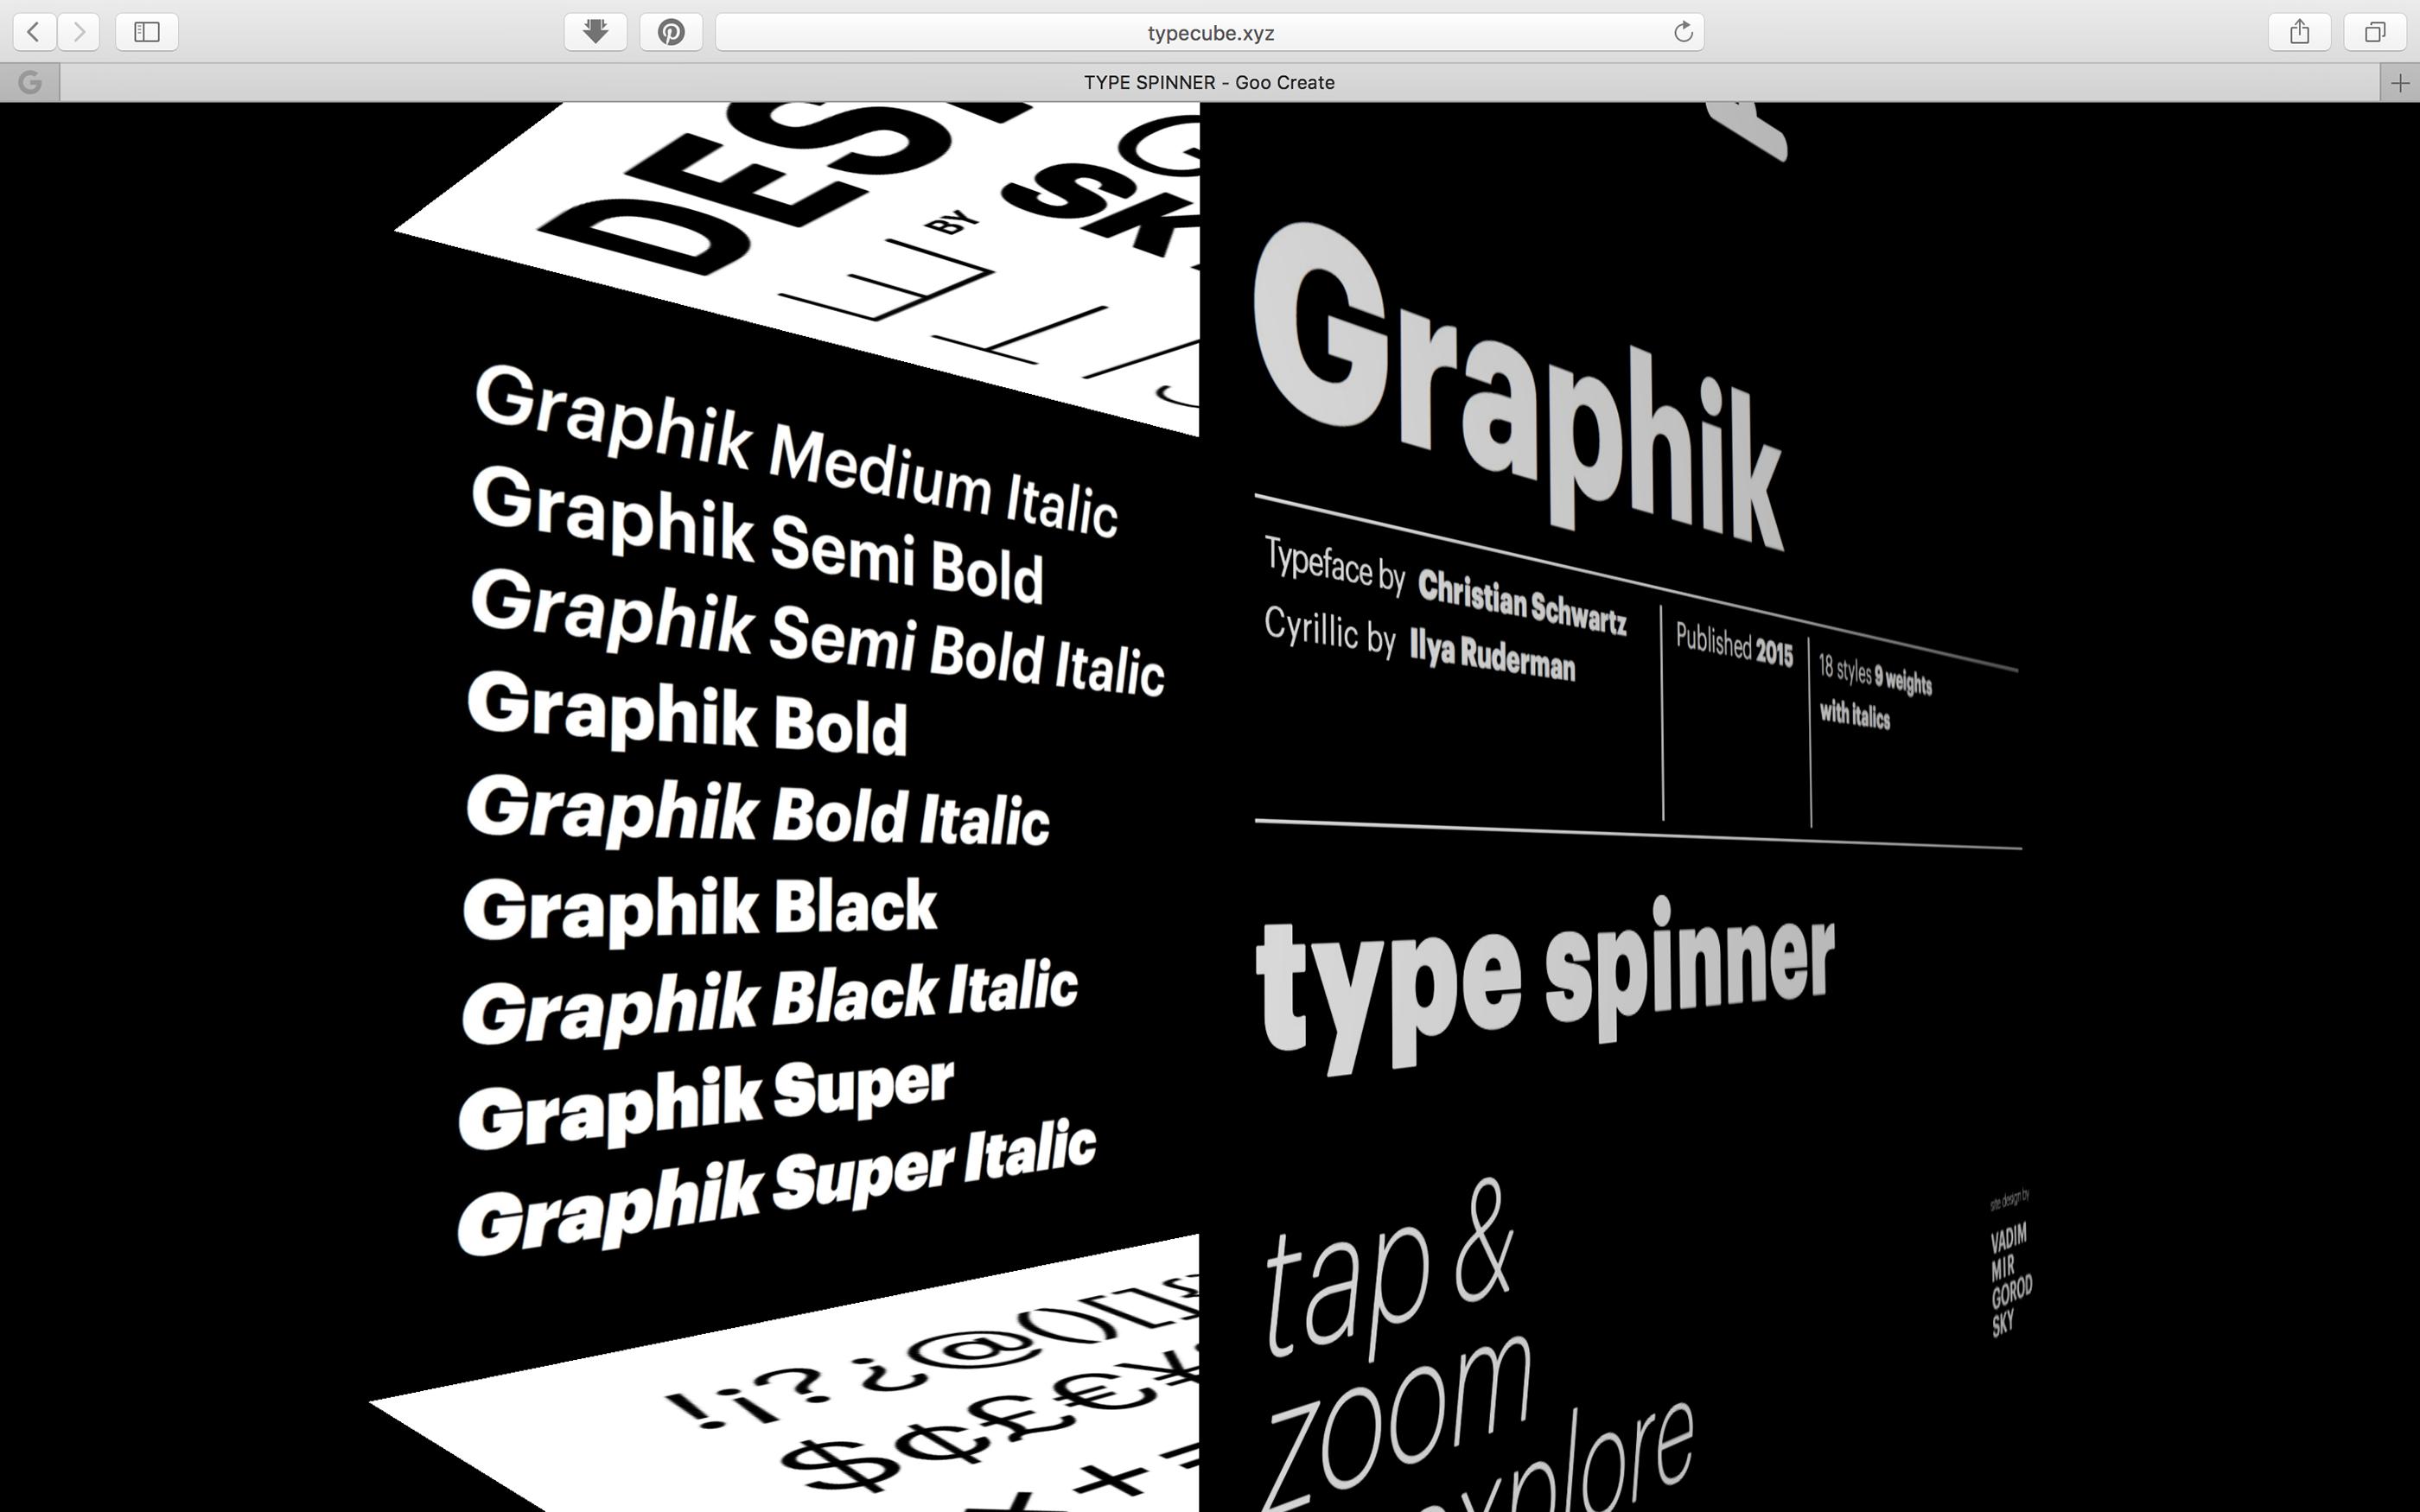 Type Spinner (for Graphik typeface) on Behance